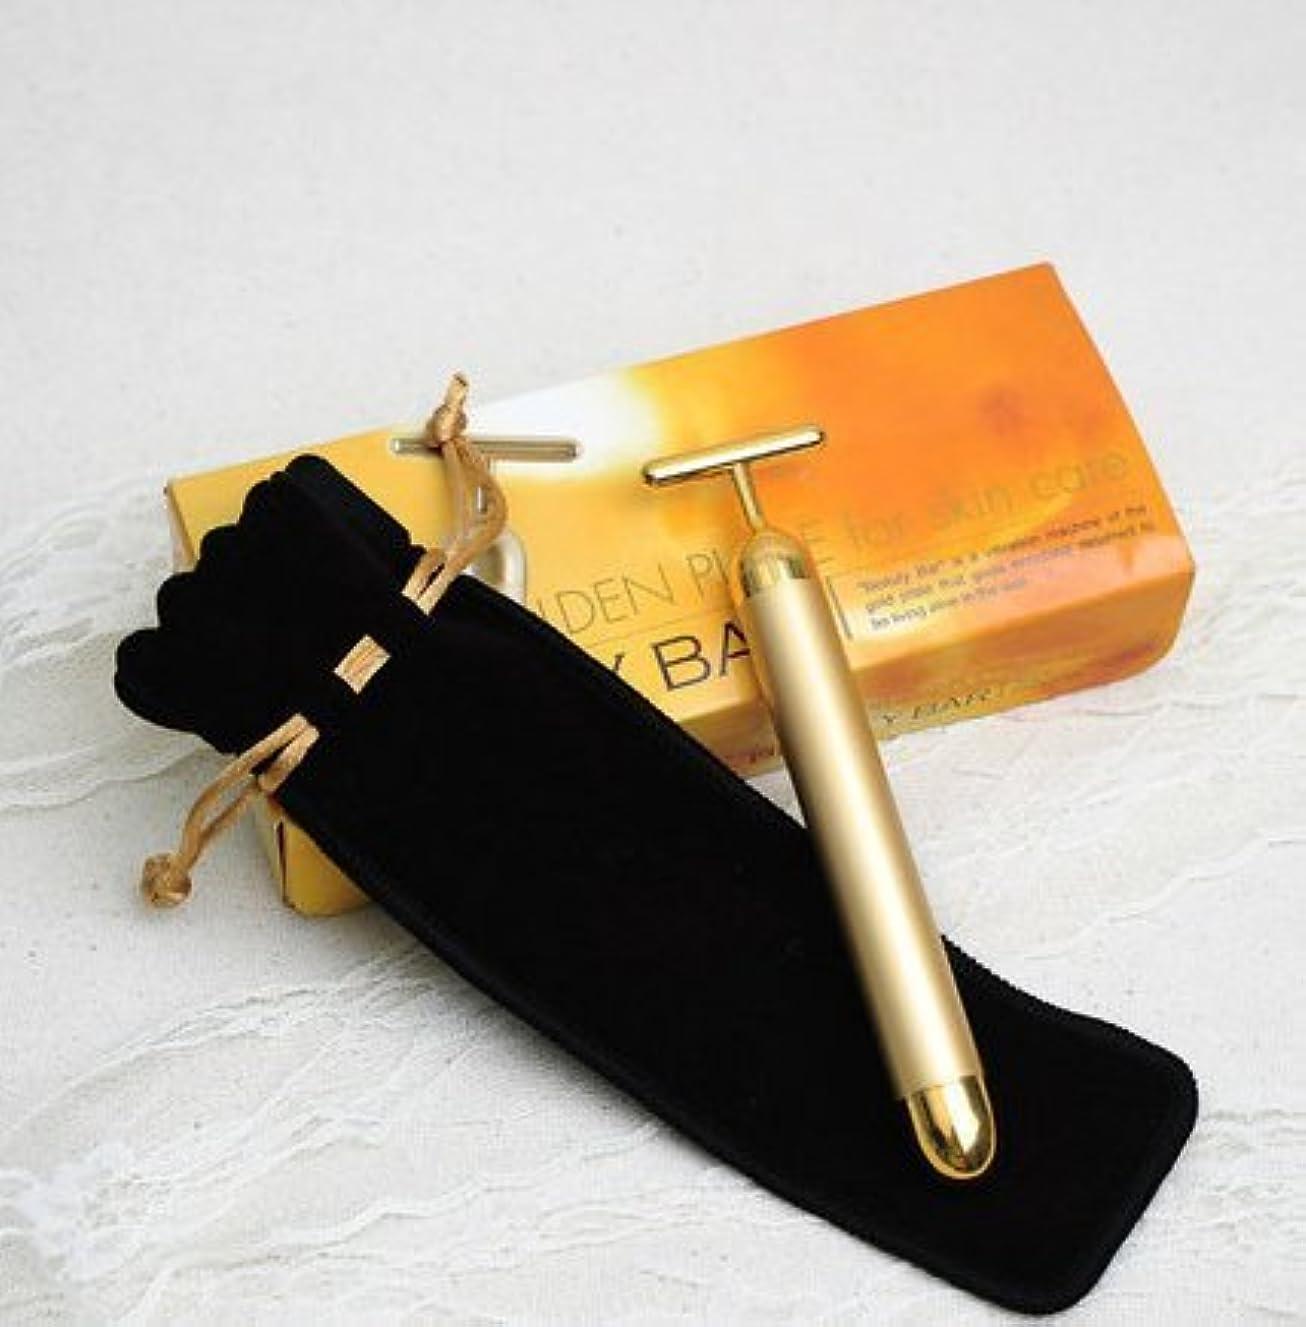 愛するひばり献身エムシービケン ビューティーバー Beauty Bar 24K 日本製 シリアルナンバー付 正規品+角質ケアサンプル5pc